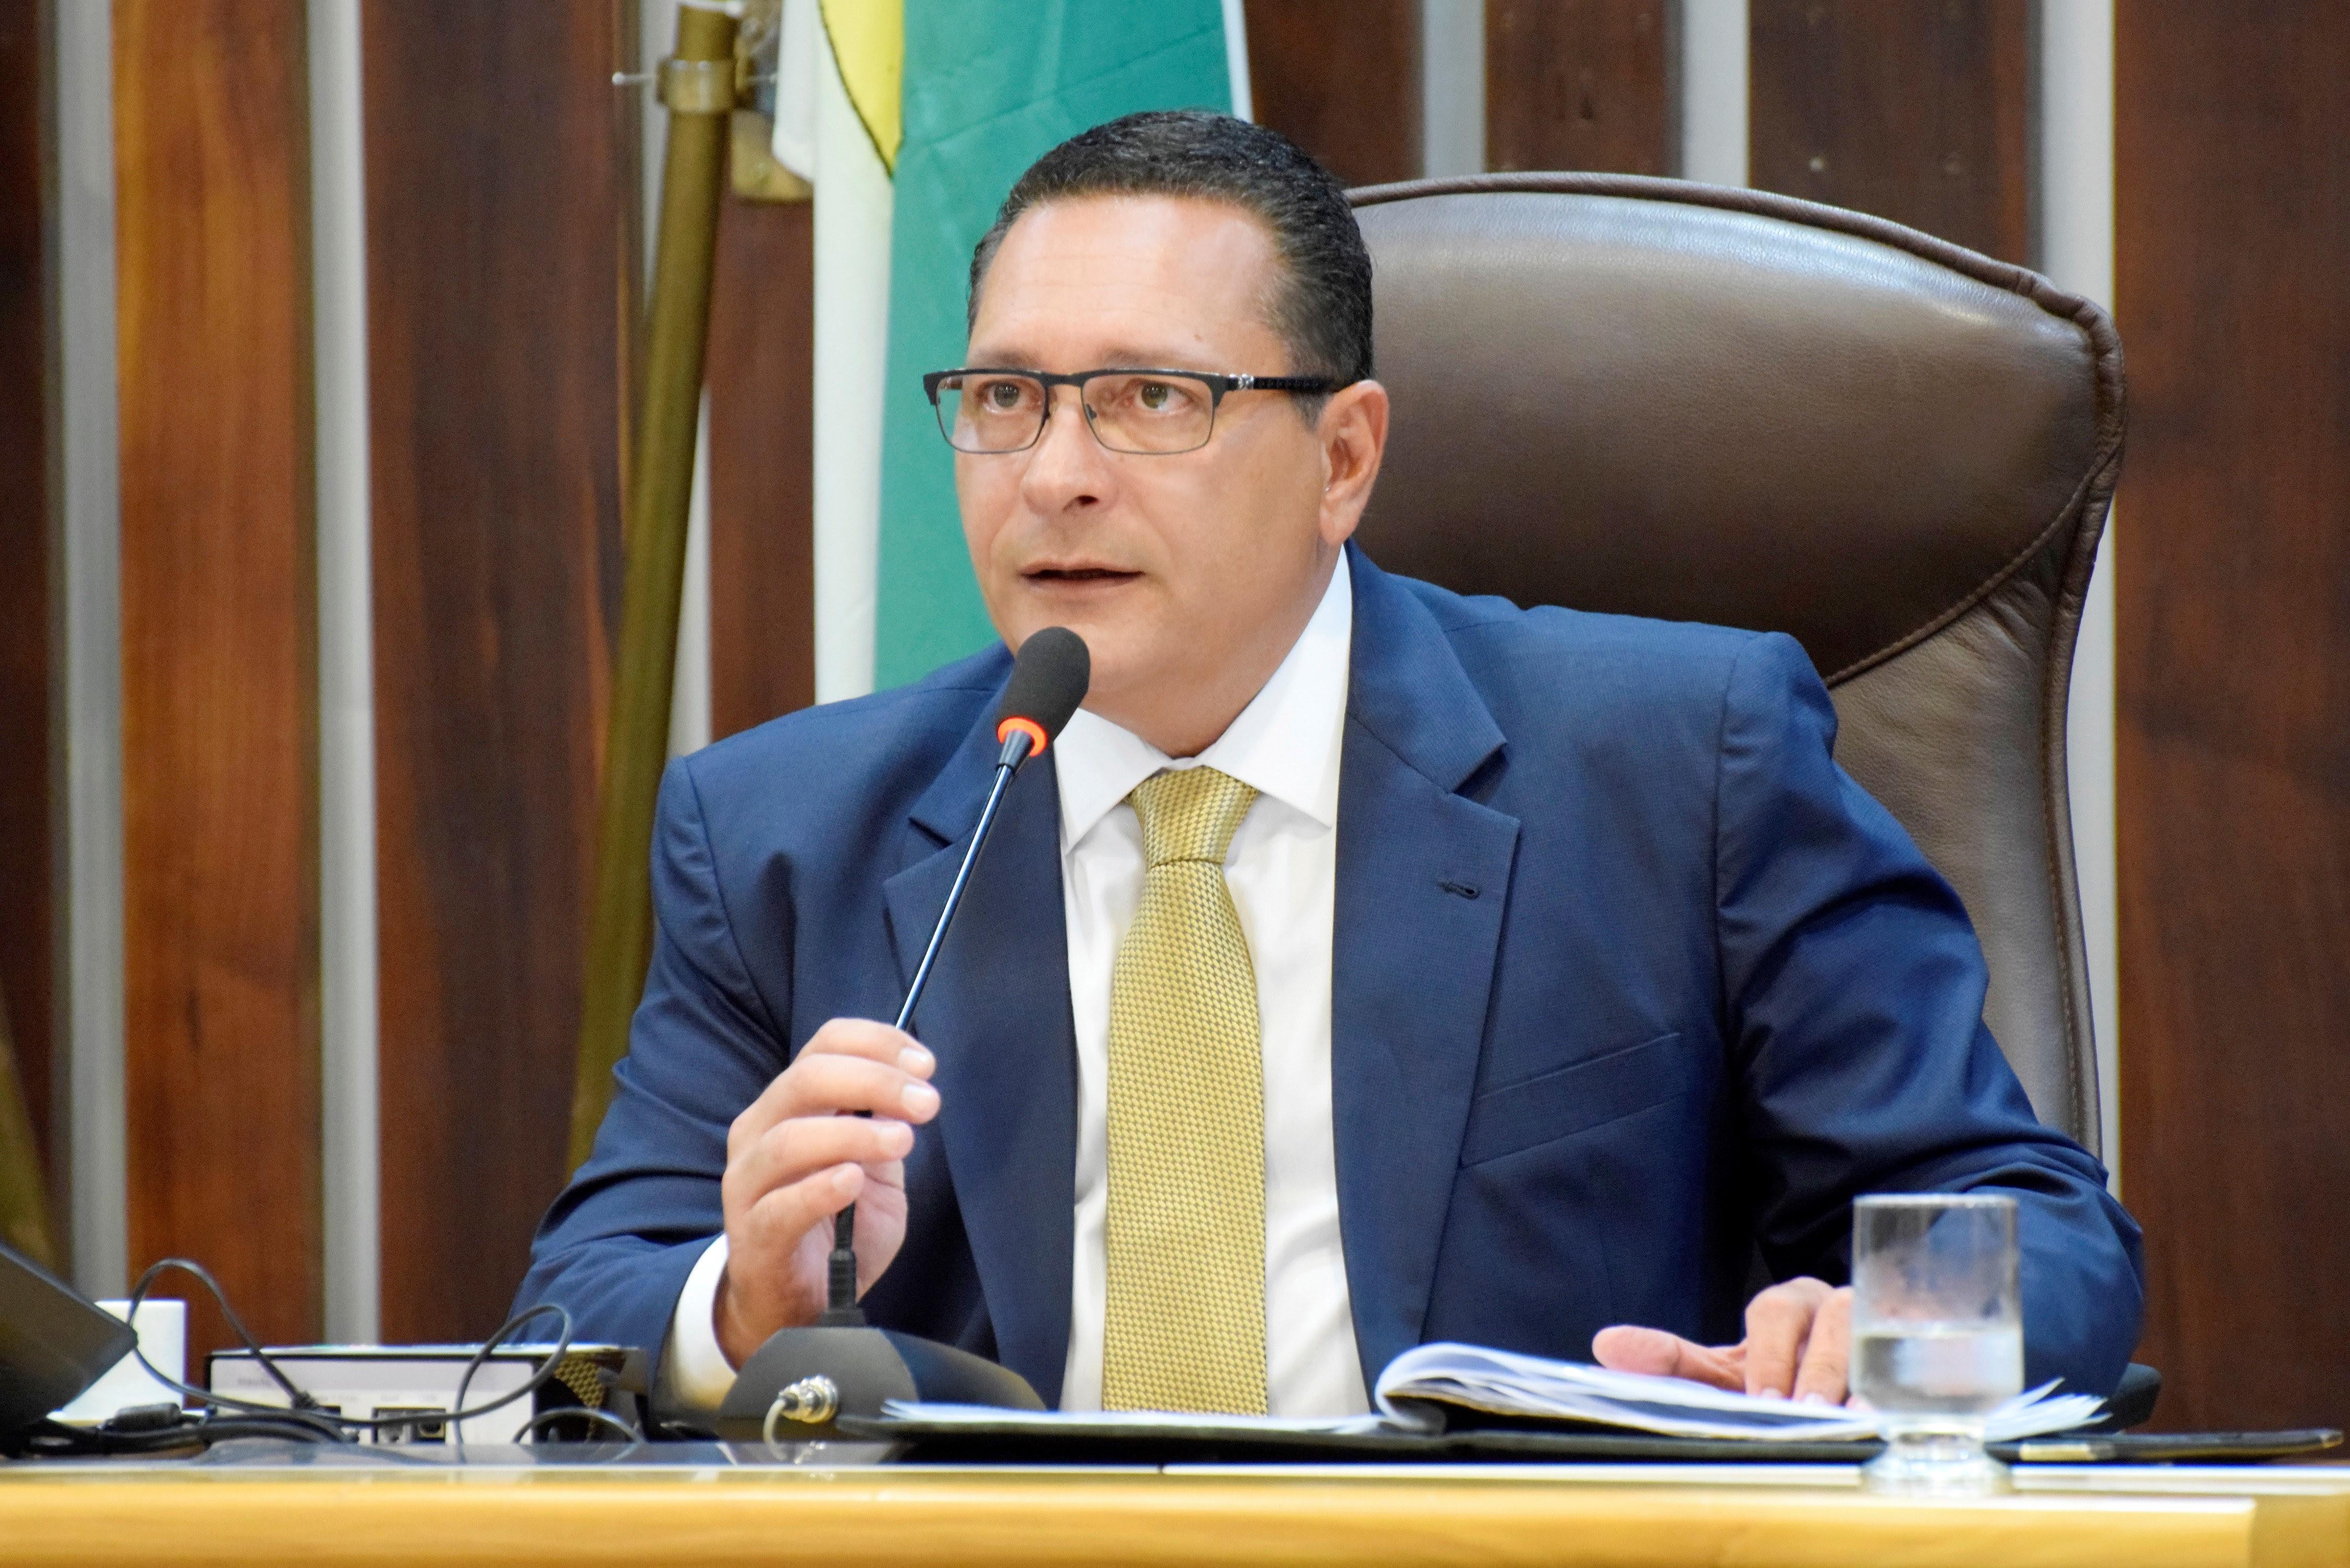 Resultado de imagem para LUIZ  NETO diretor geral da Presidencia e ezequiel